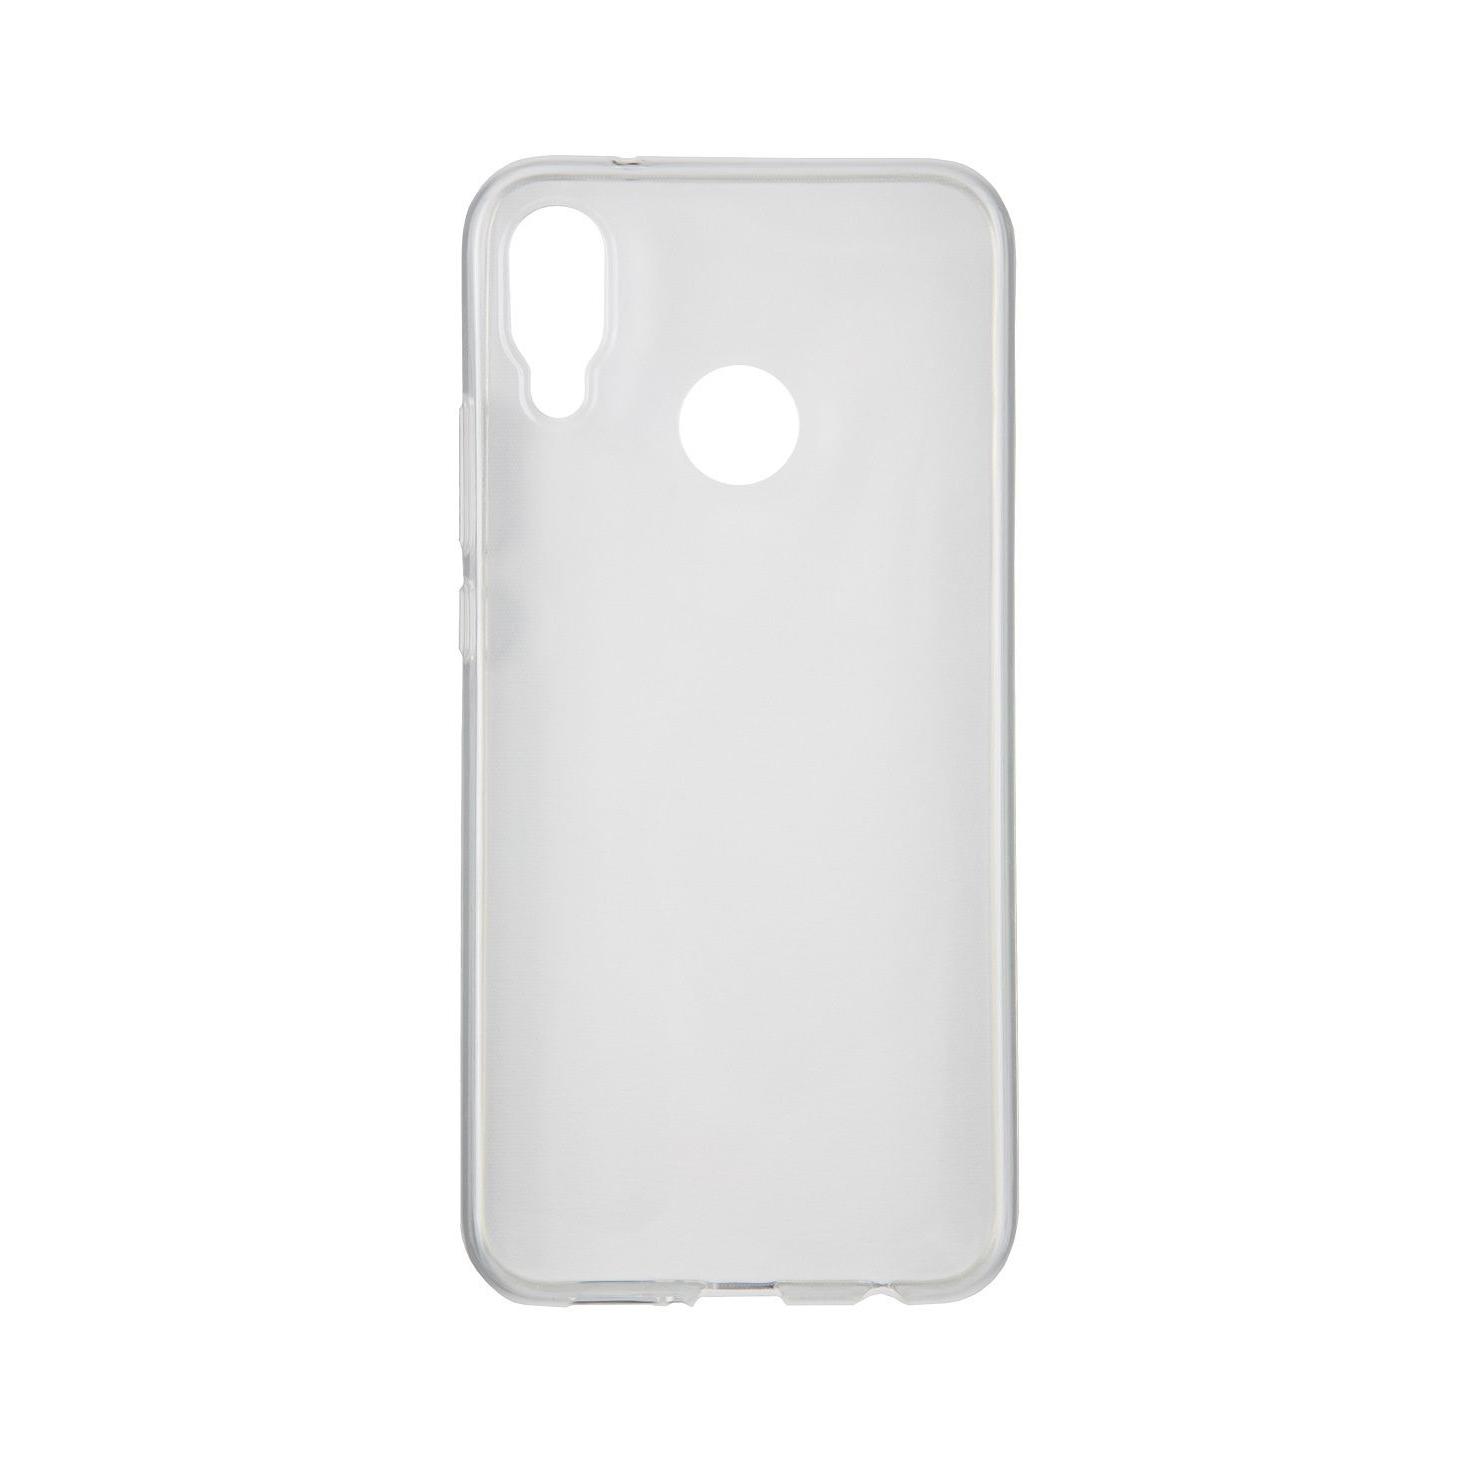 Чехол Red Line iBox Crystal для смартфона Huawei P20 Lite, прозрачный